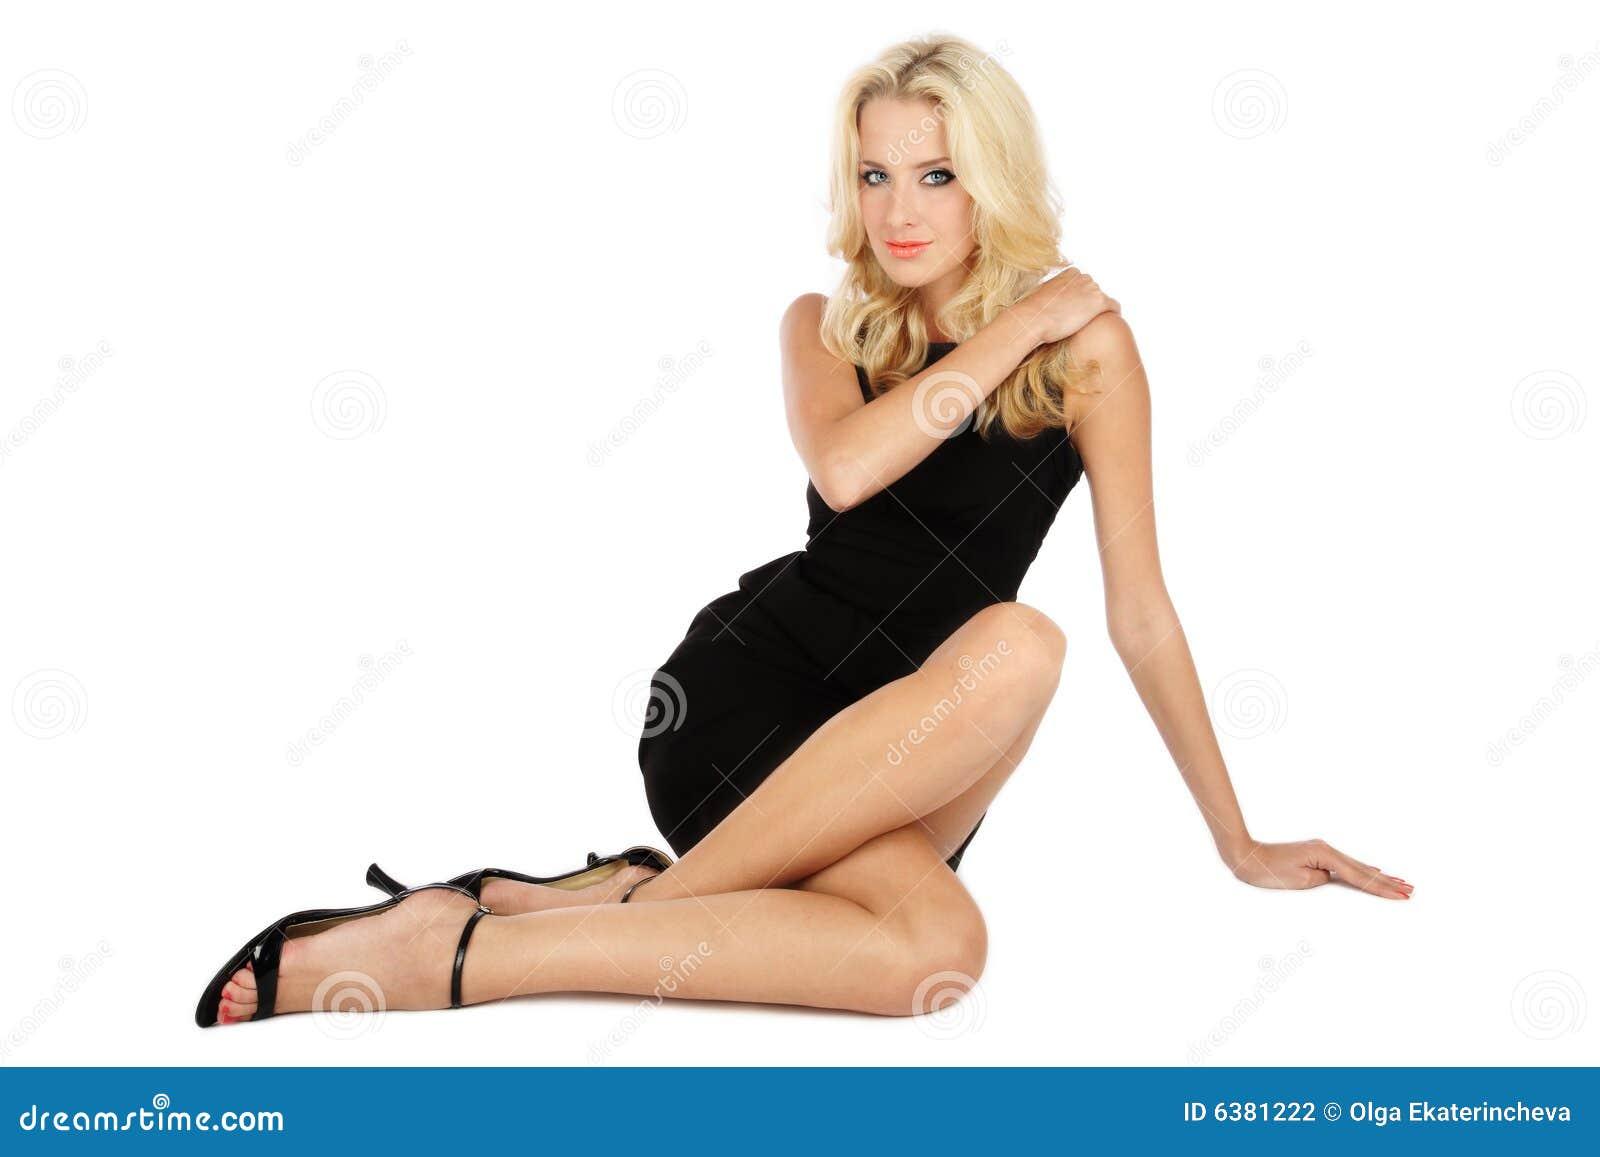 Фото девушки скрестив ноги